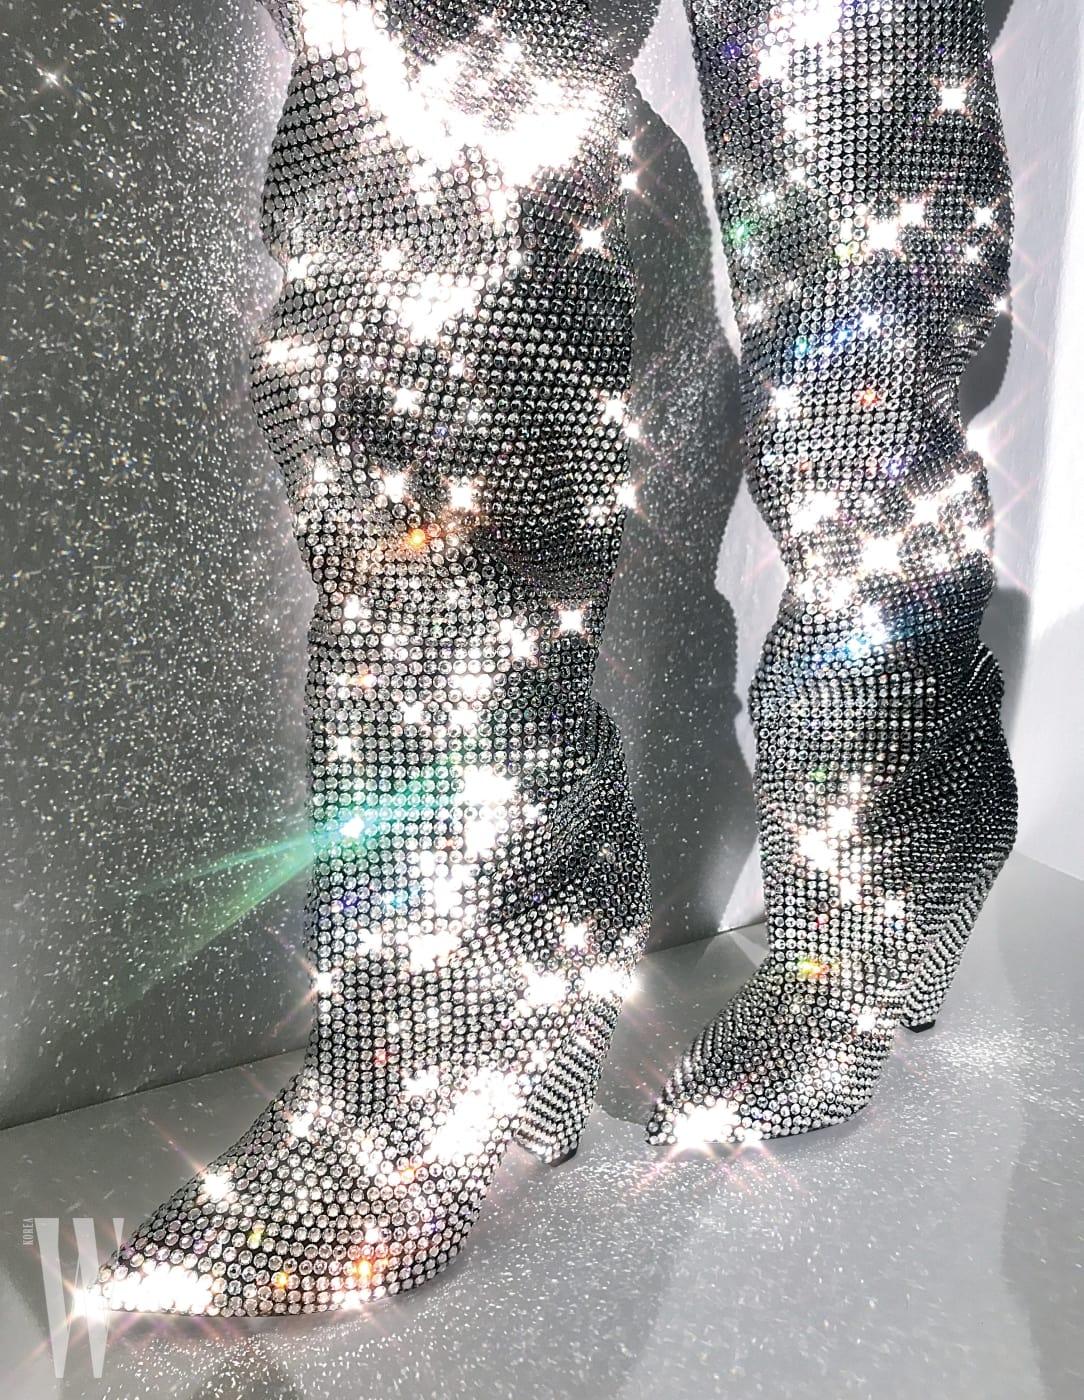 크리스털 장식으로 뒤덮인 눈부신 부츠는 생로랑 제품. 1천3백10만5천원.